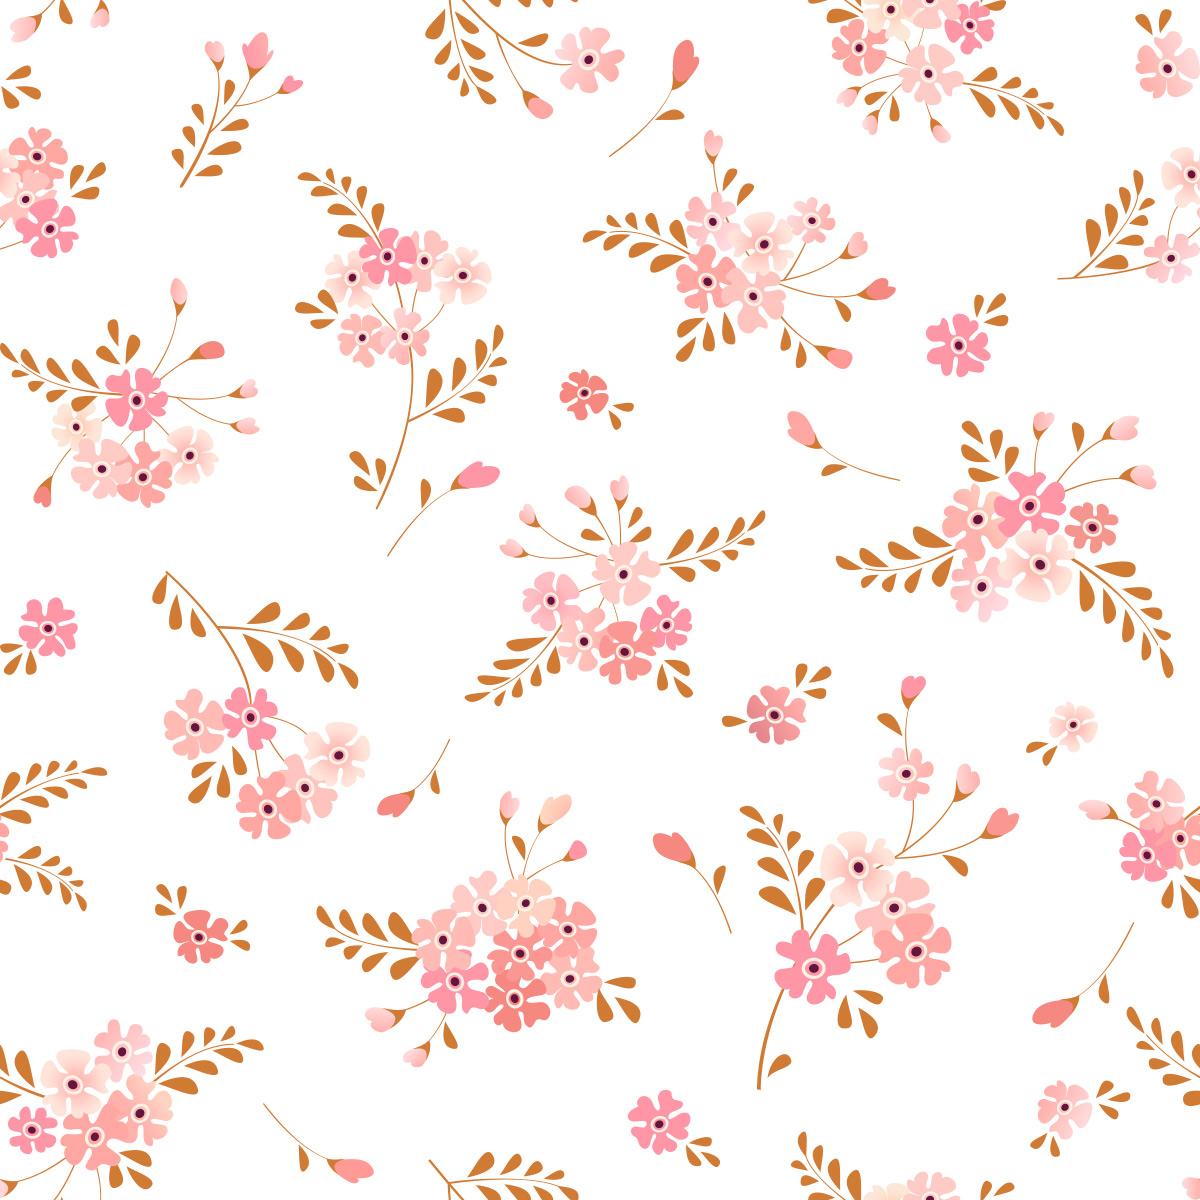 Papel de Parede Floral Flores Rosas Delicado Adesivo